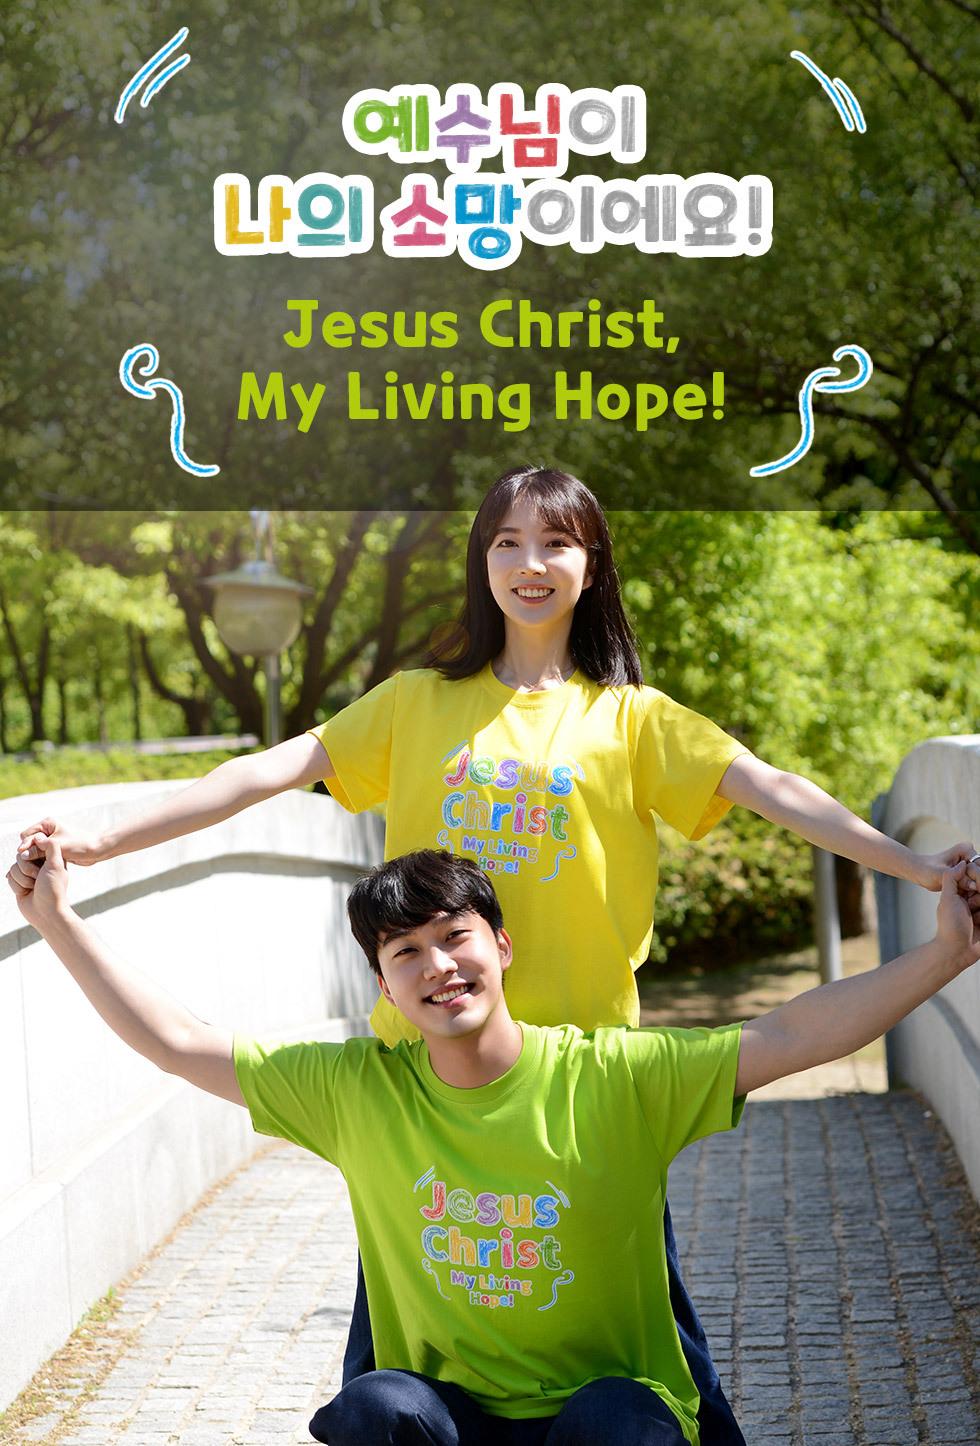 예수님이 나의 소망이예요!, Jesus Christ My Living Hope! - 성인티셔츠(리빙홉) 타이틀이미지